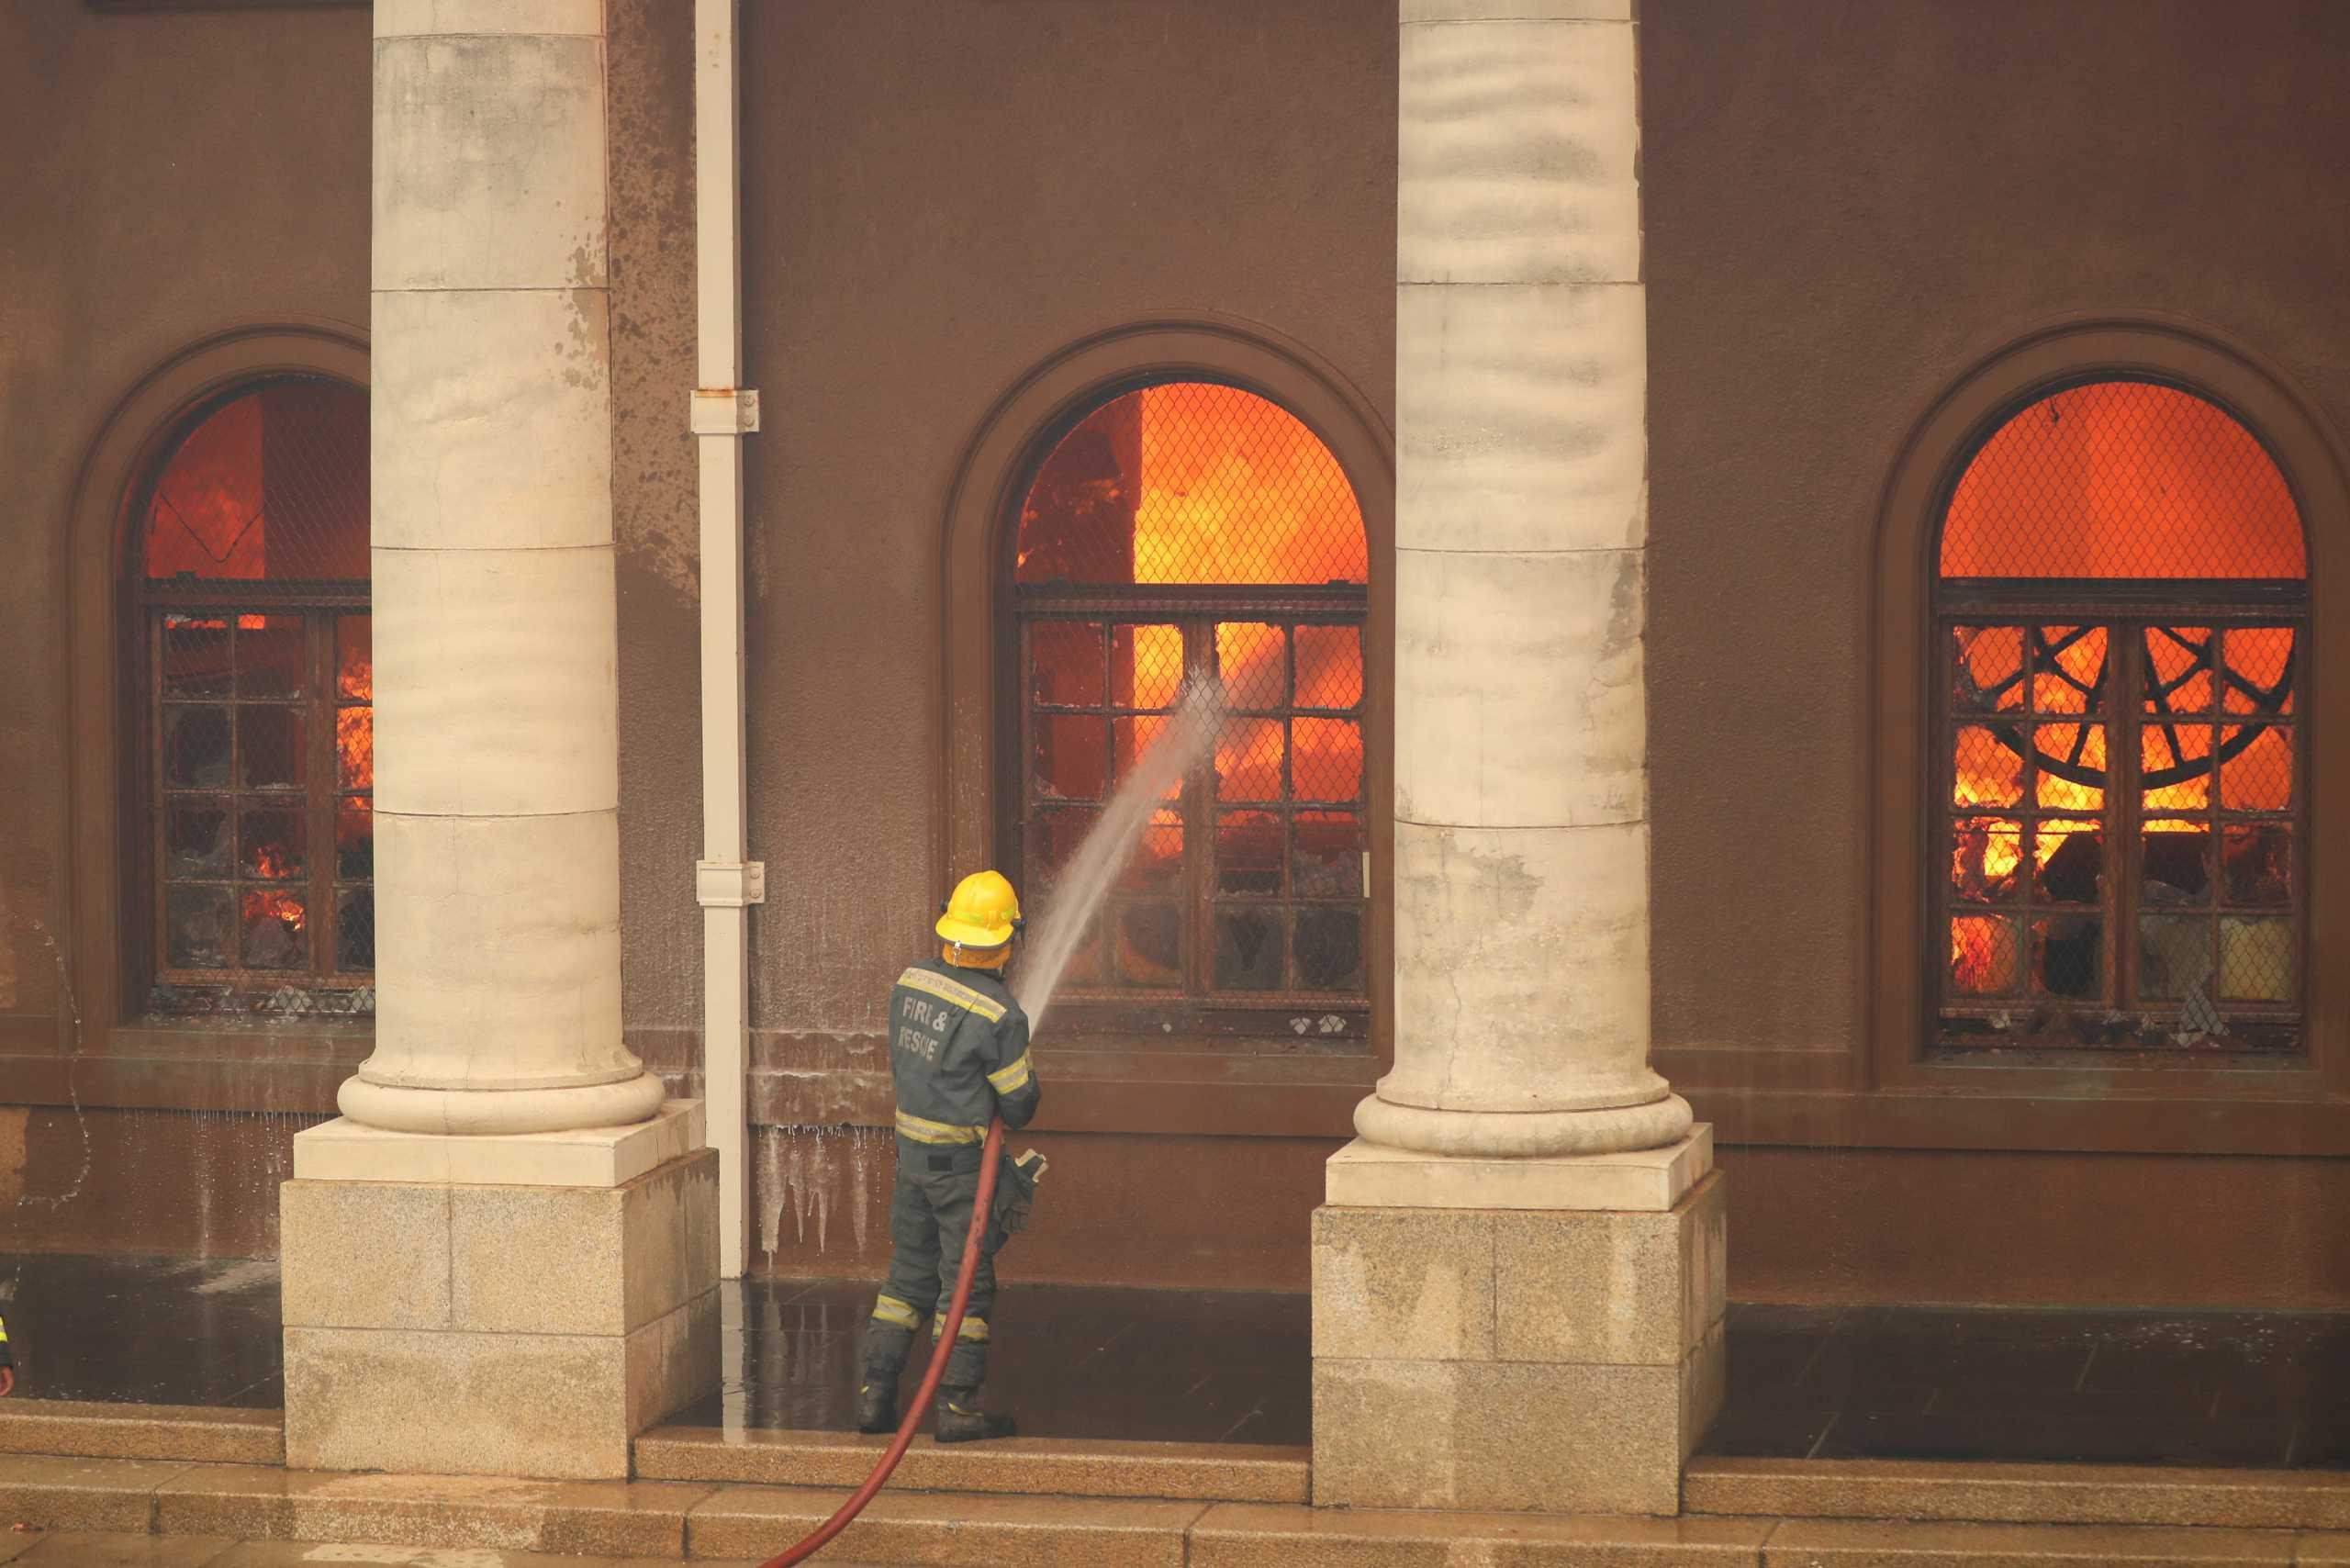 Νότια Αφρική: Μεγάλη φωτιά στο Κέιπ Τάουν – Στις φλόγες και το πανεπιστήμιο (pics, vid)